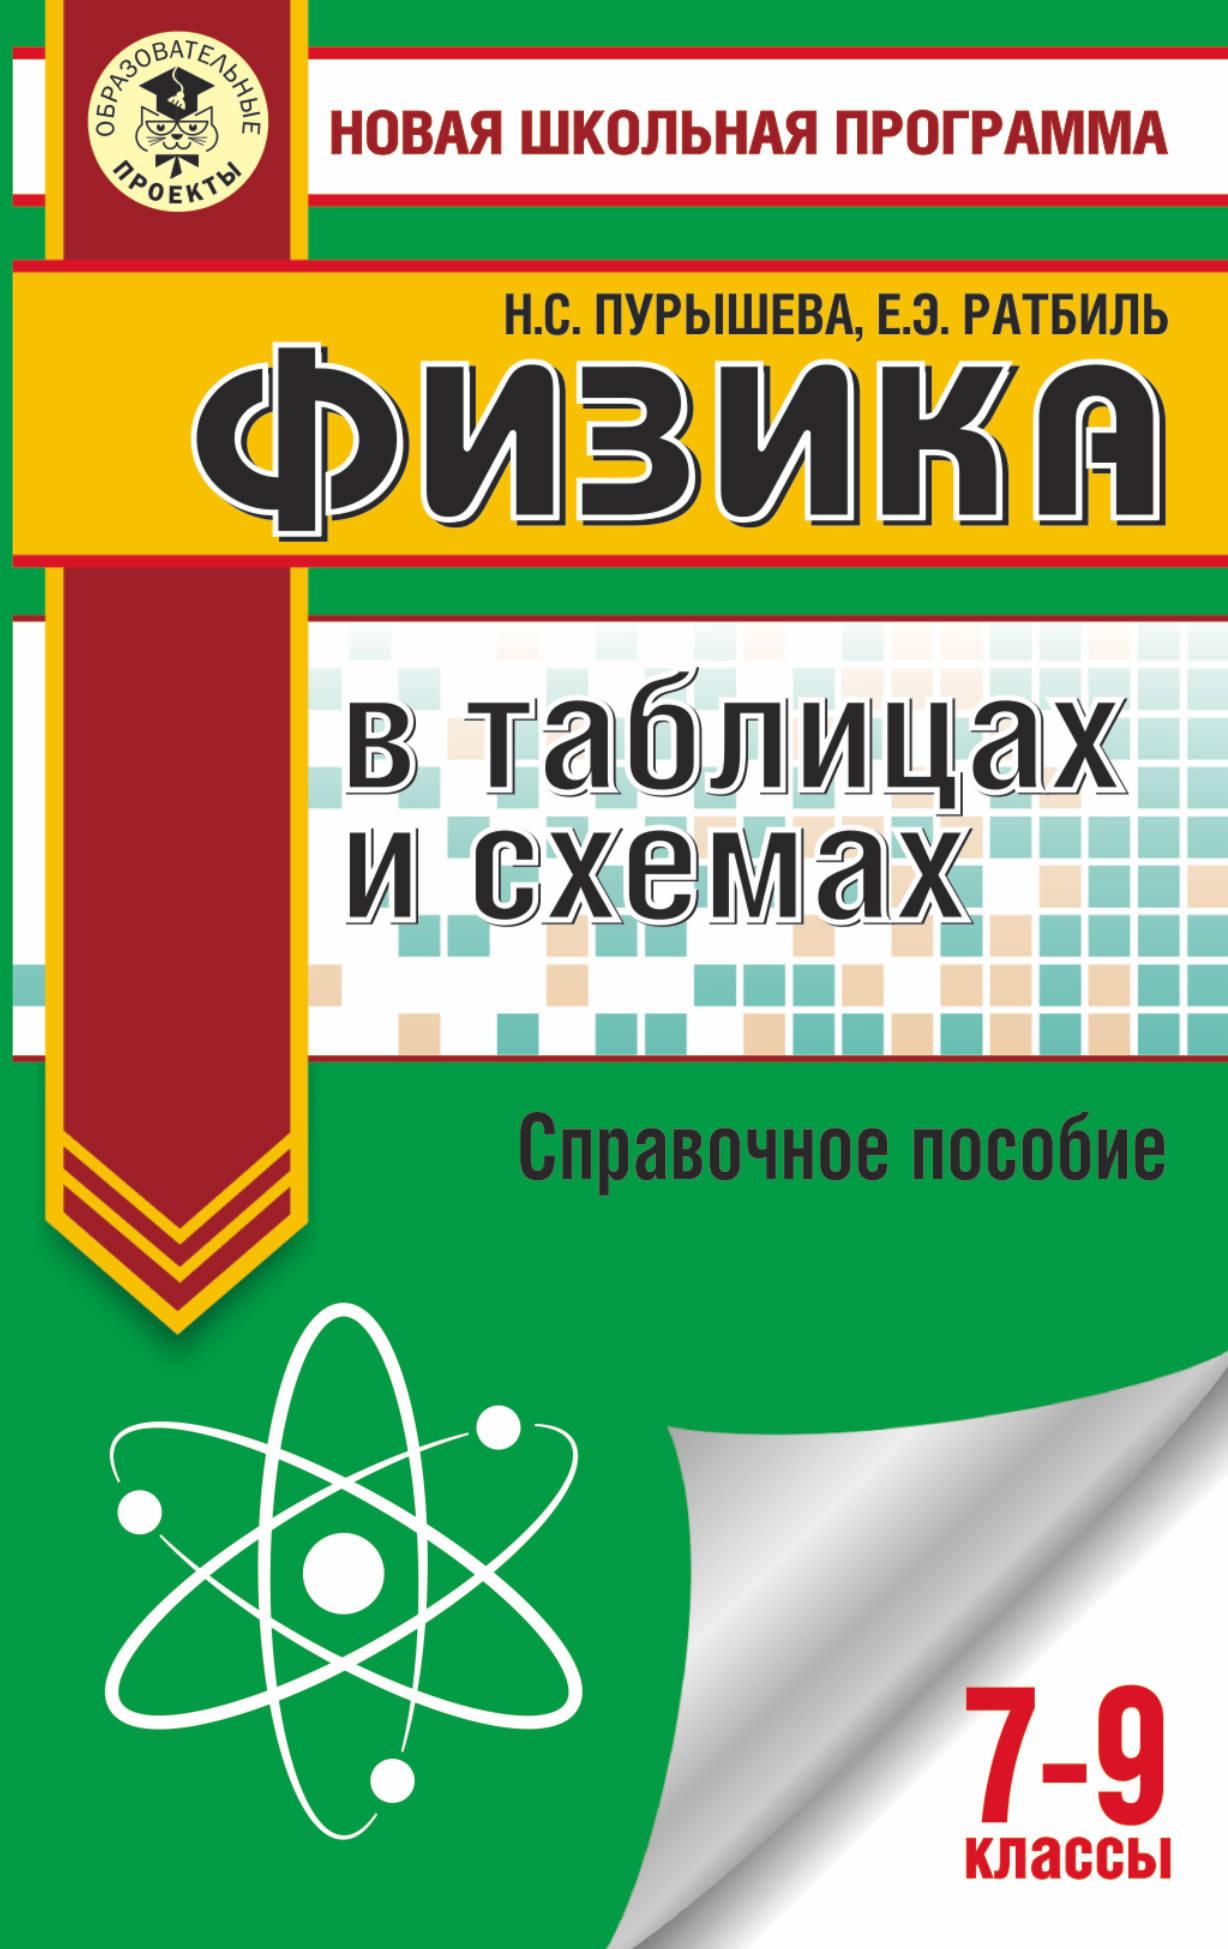 Н. С. Пурышева,Е. Э. Ратбиль Физика в таблицах и схемах. Справочное пособие. 7-9 классы.